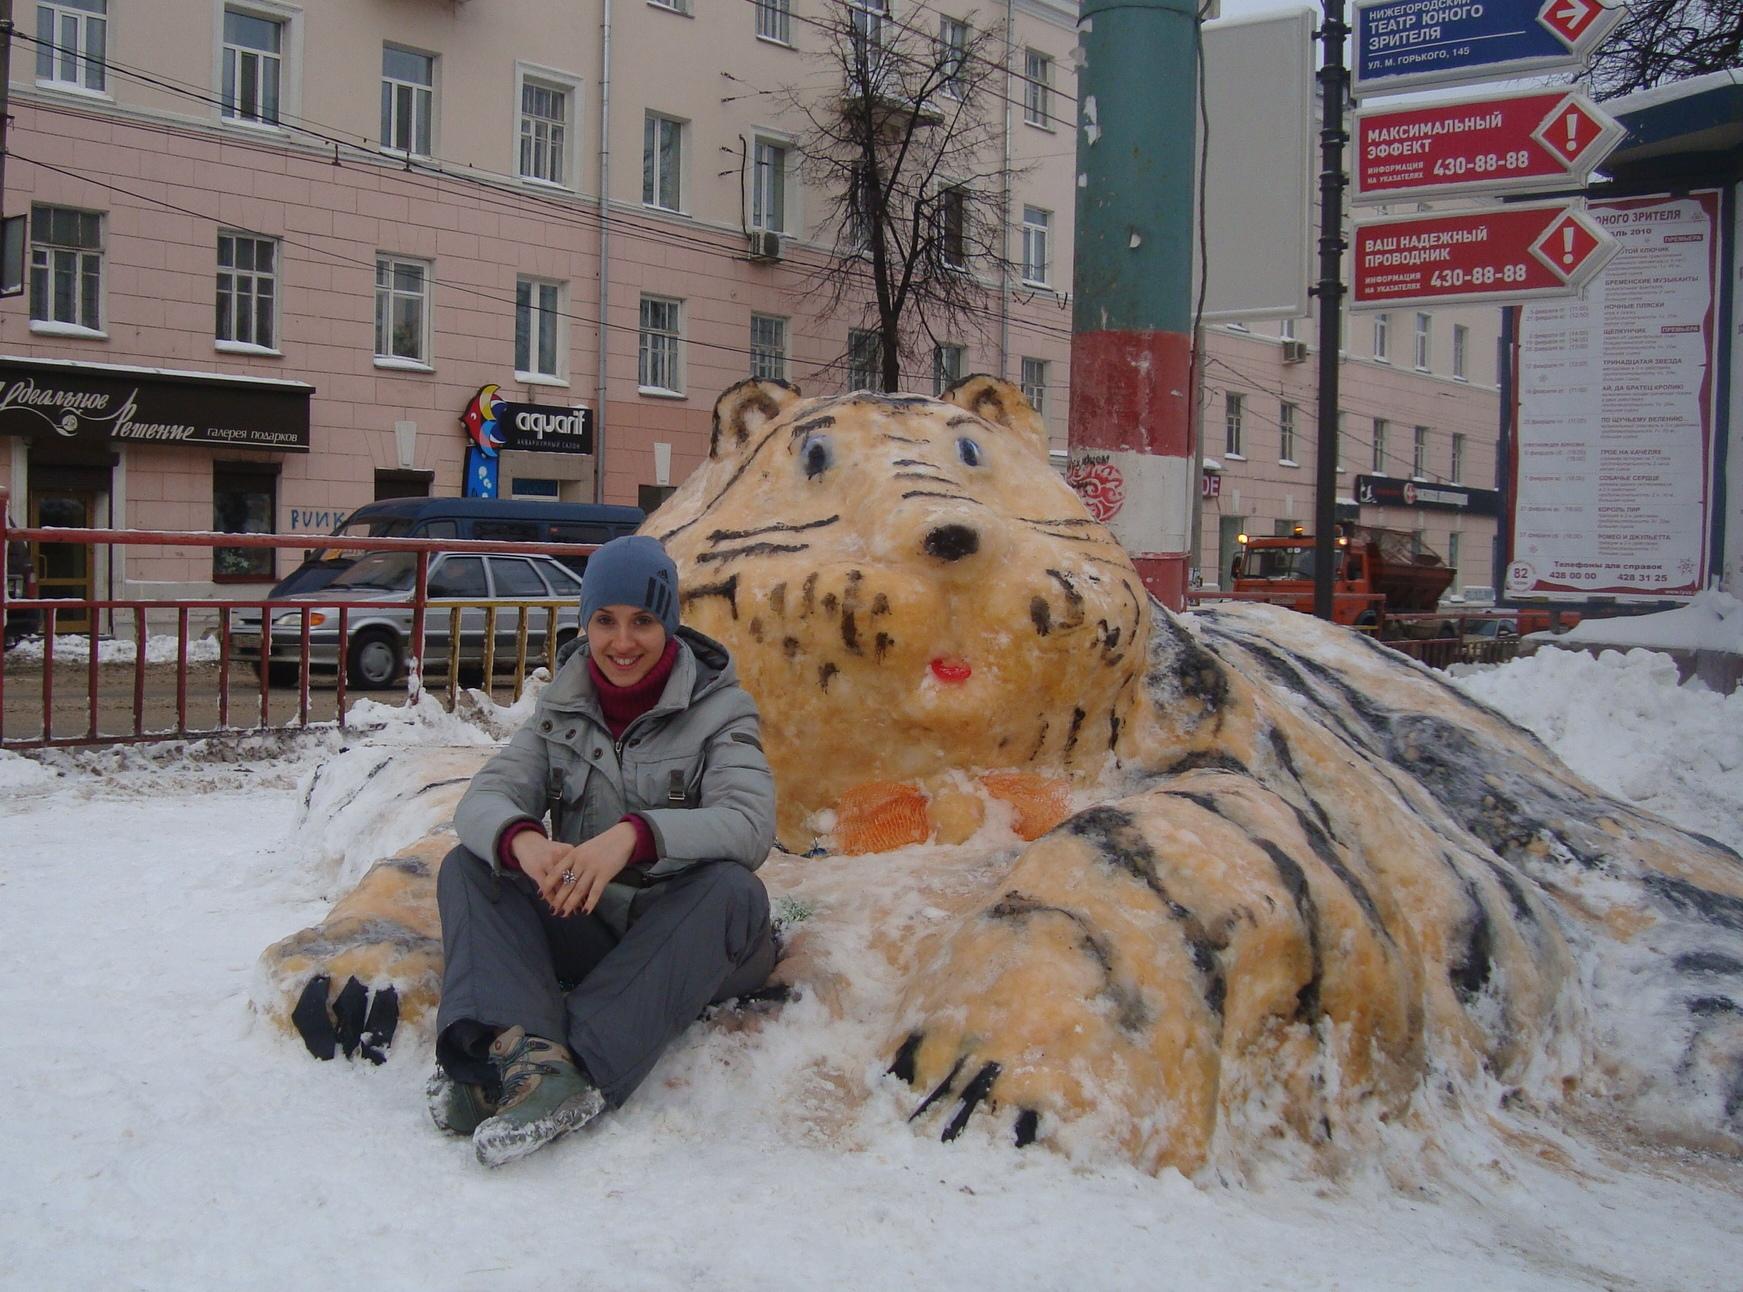 Снежный тигр. Блиц: фигуры из снега и льда